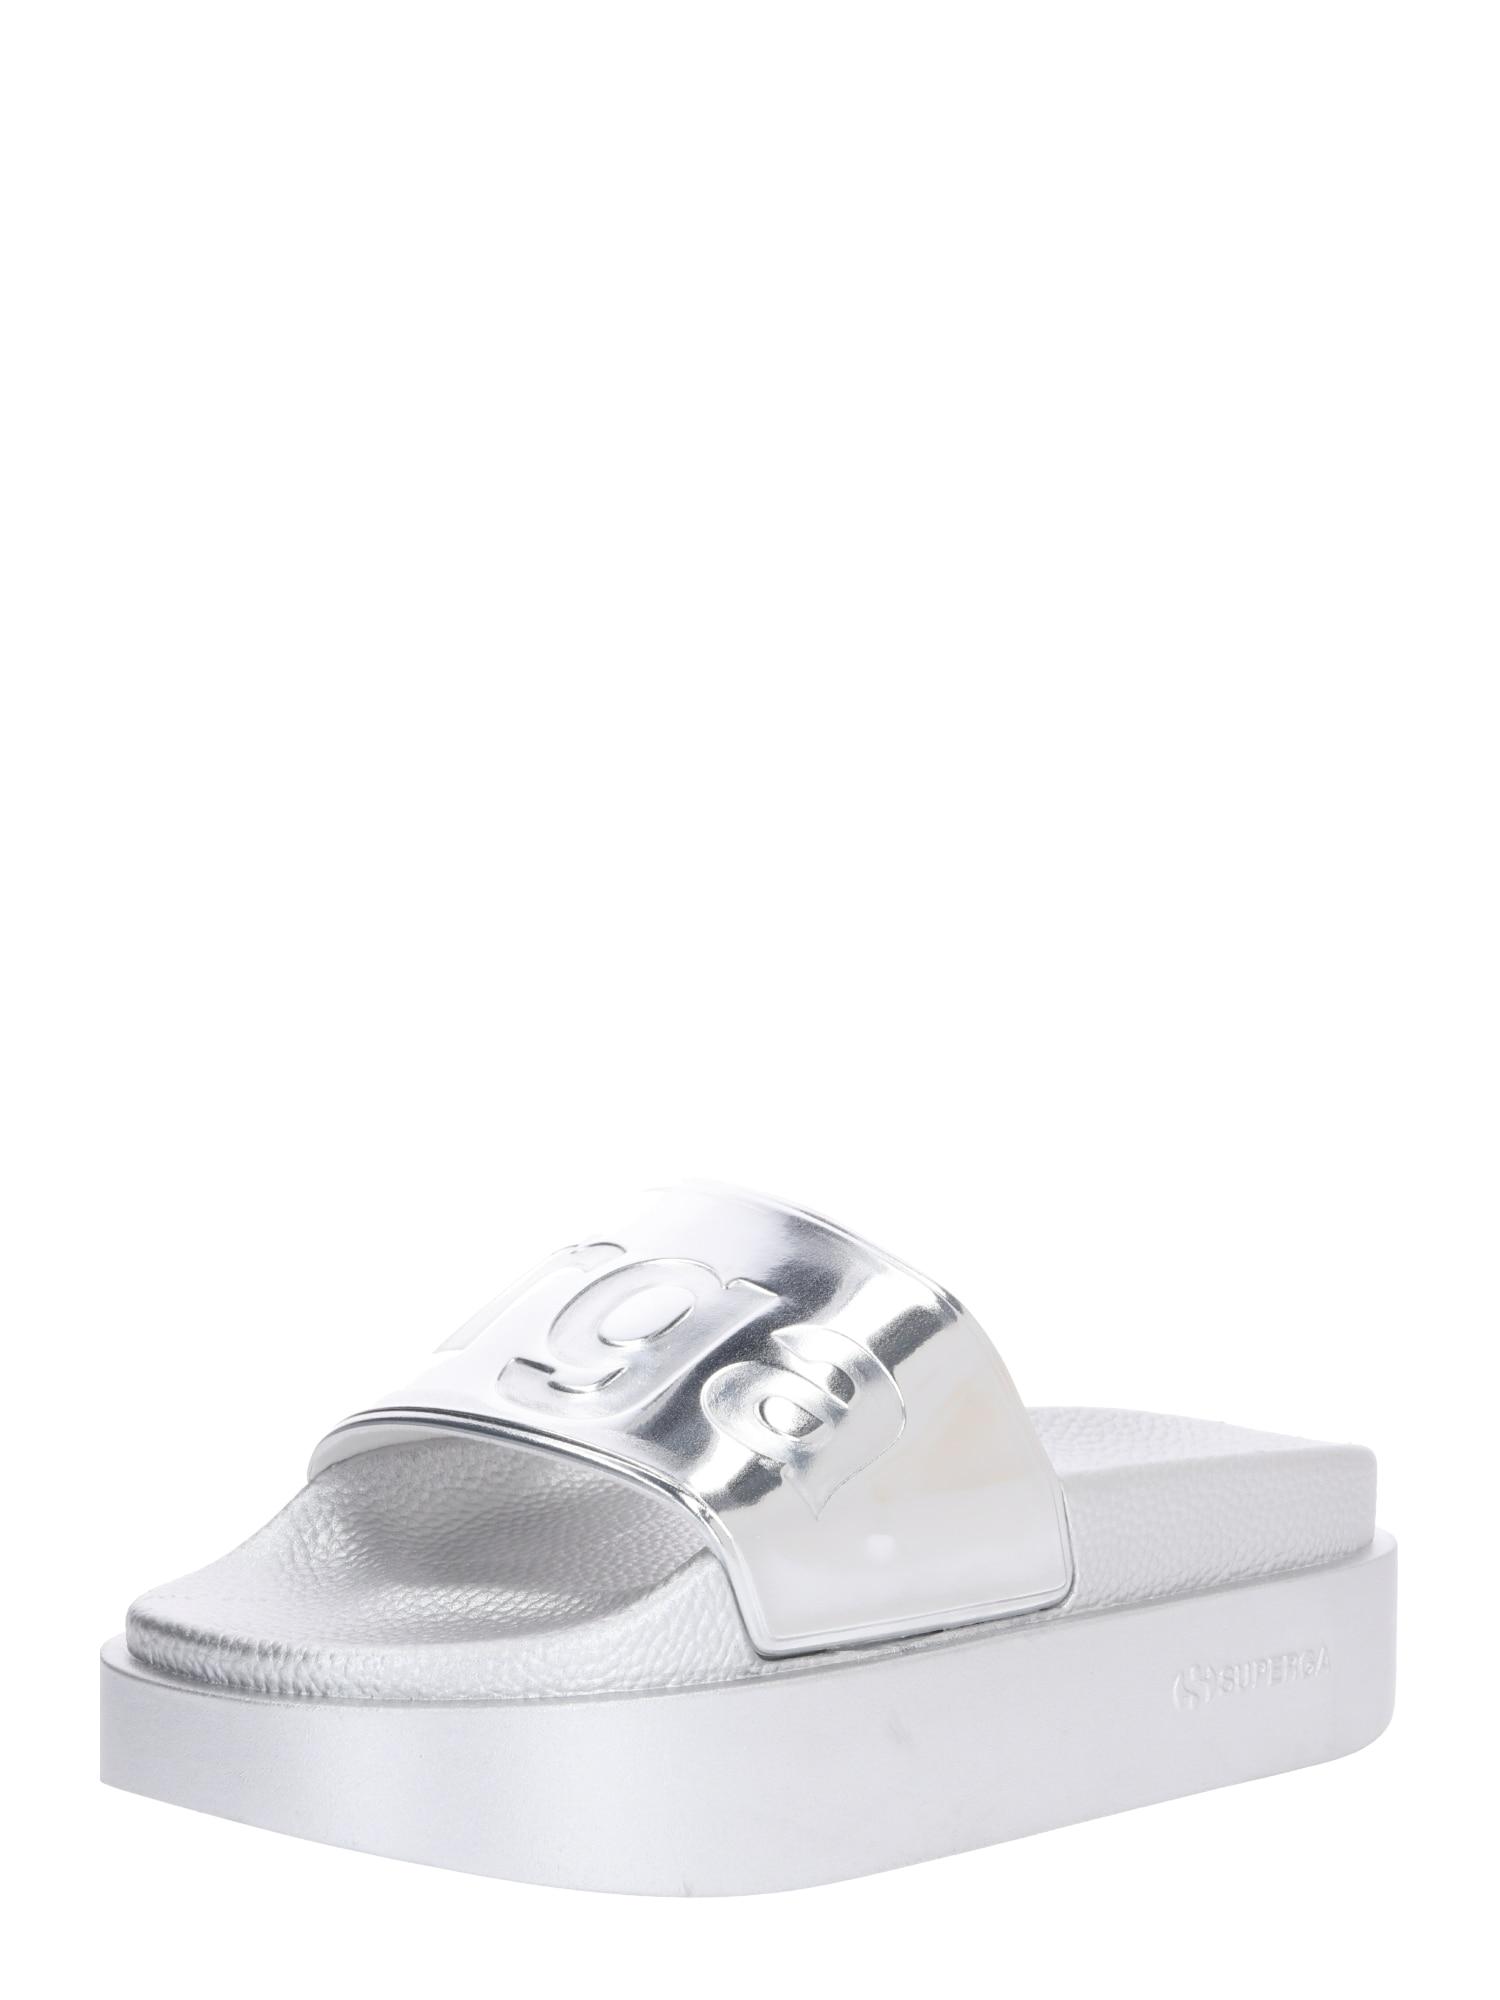 Pantofle 1919 šedá stříbrná SUPERGA